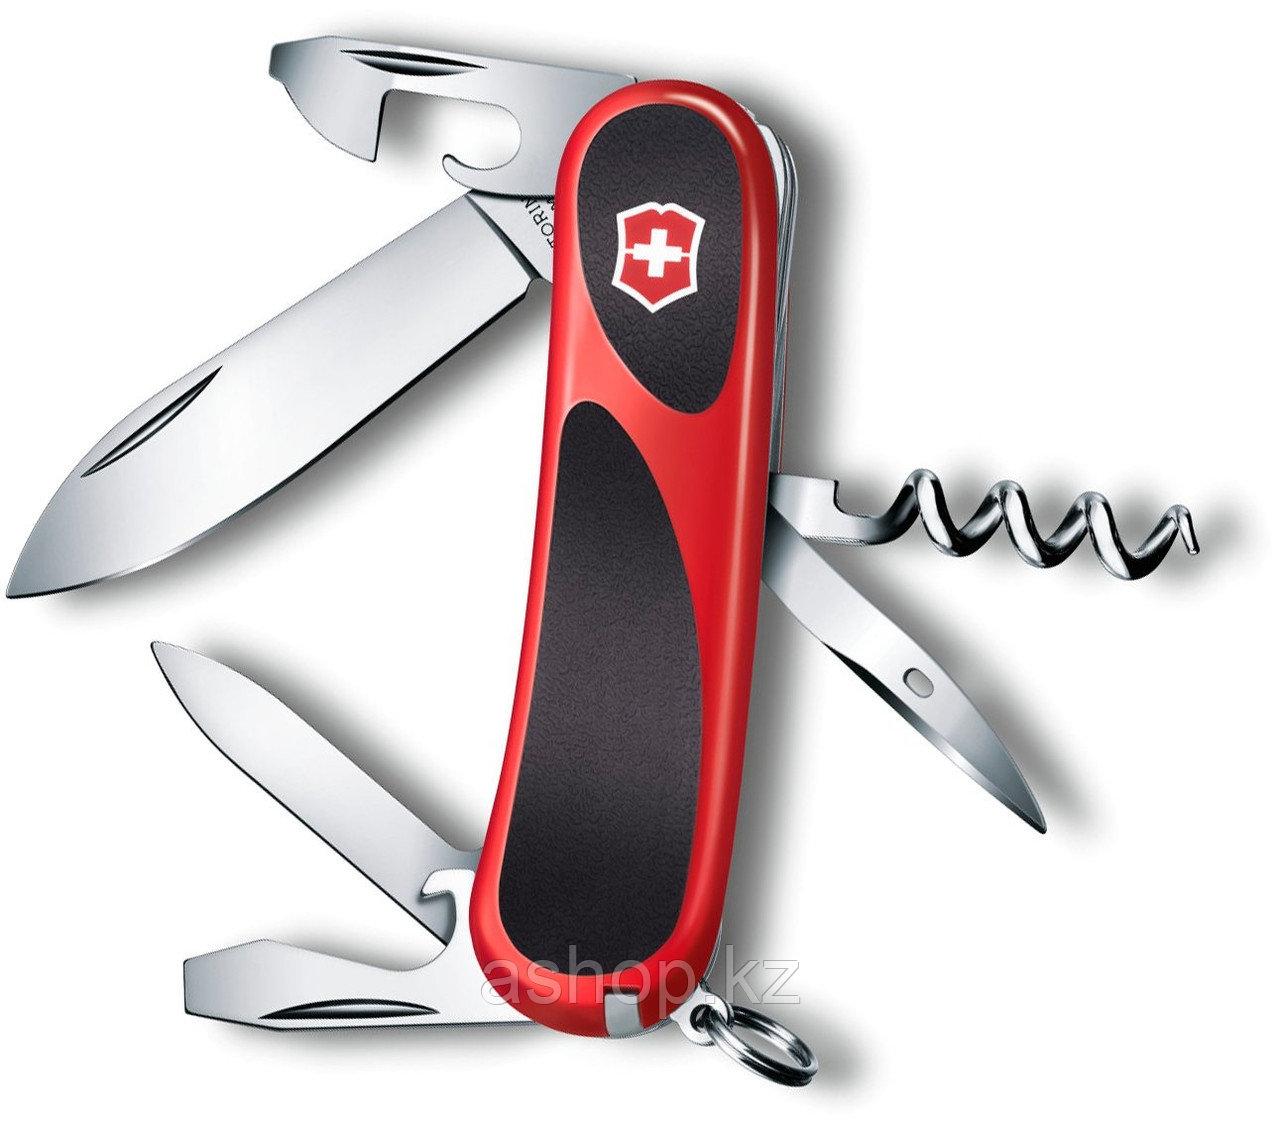 Нож складной перочинный Victorinox EvoGrip 10, Кол-во функций: 13 в 1, Цвет: Красно-чёрный, (2.3803.C)